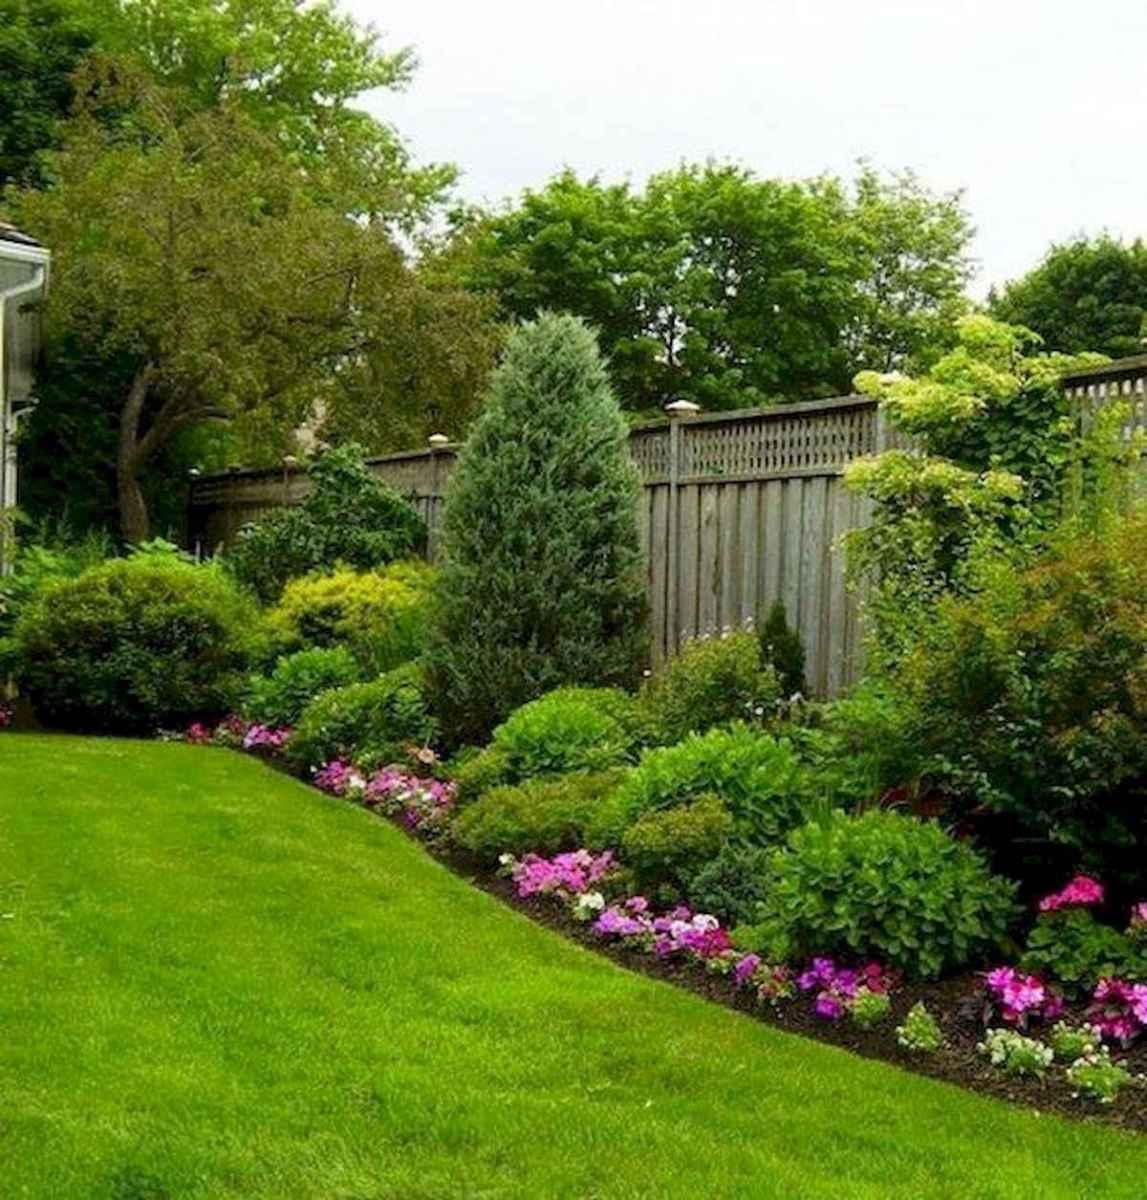 90 Lovely Backyard Garden Design Ideas For Summer 81